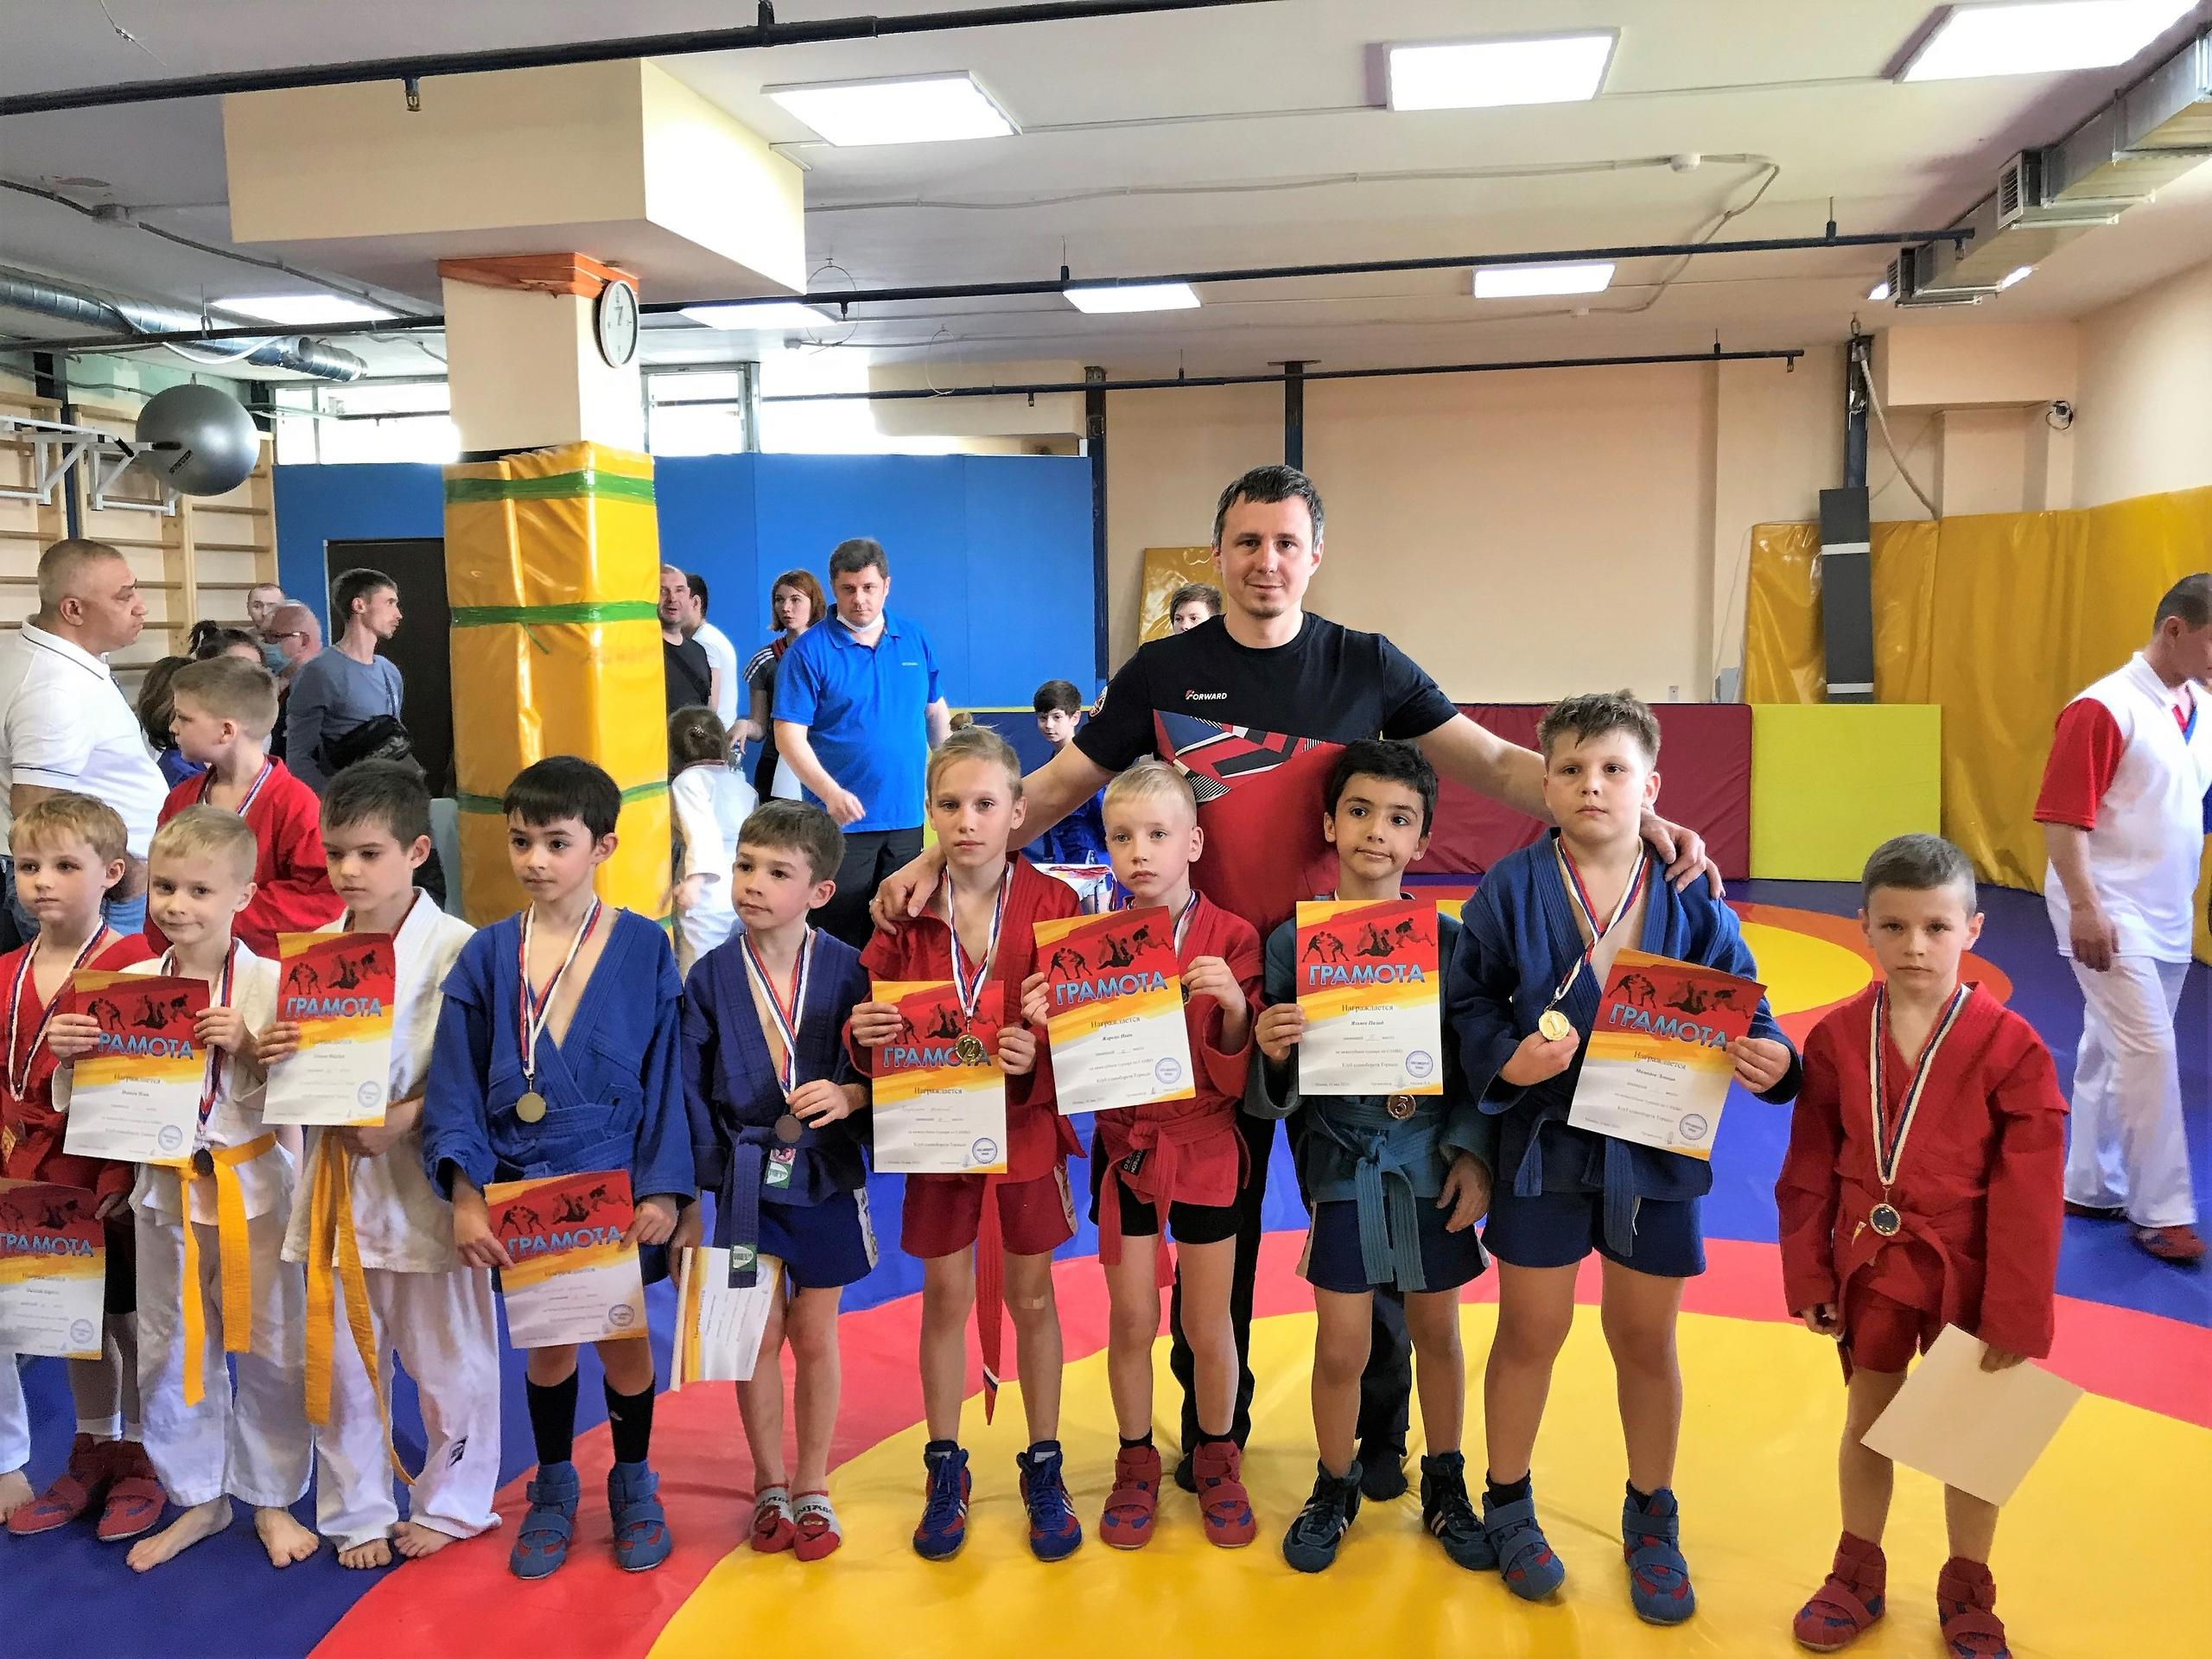 Самбисты поселения Сосенское приняли участие в межклубных соревнованиях